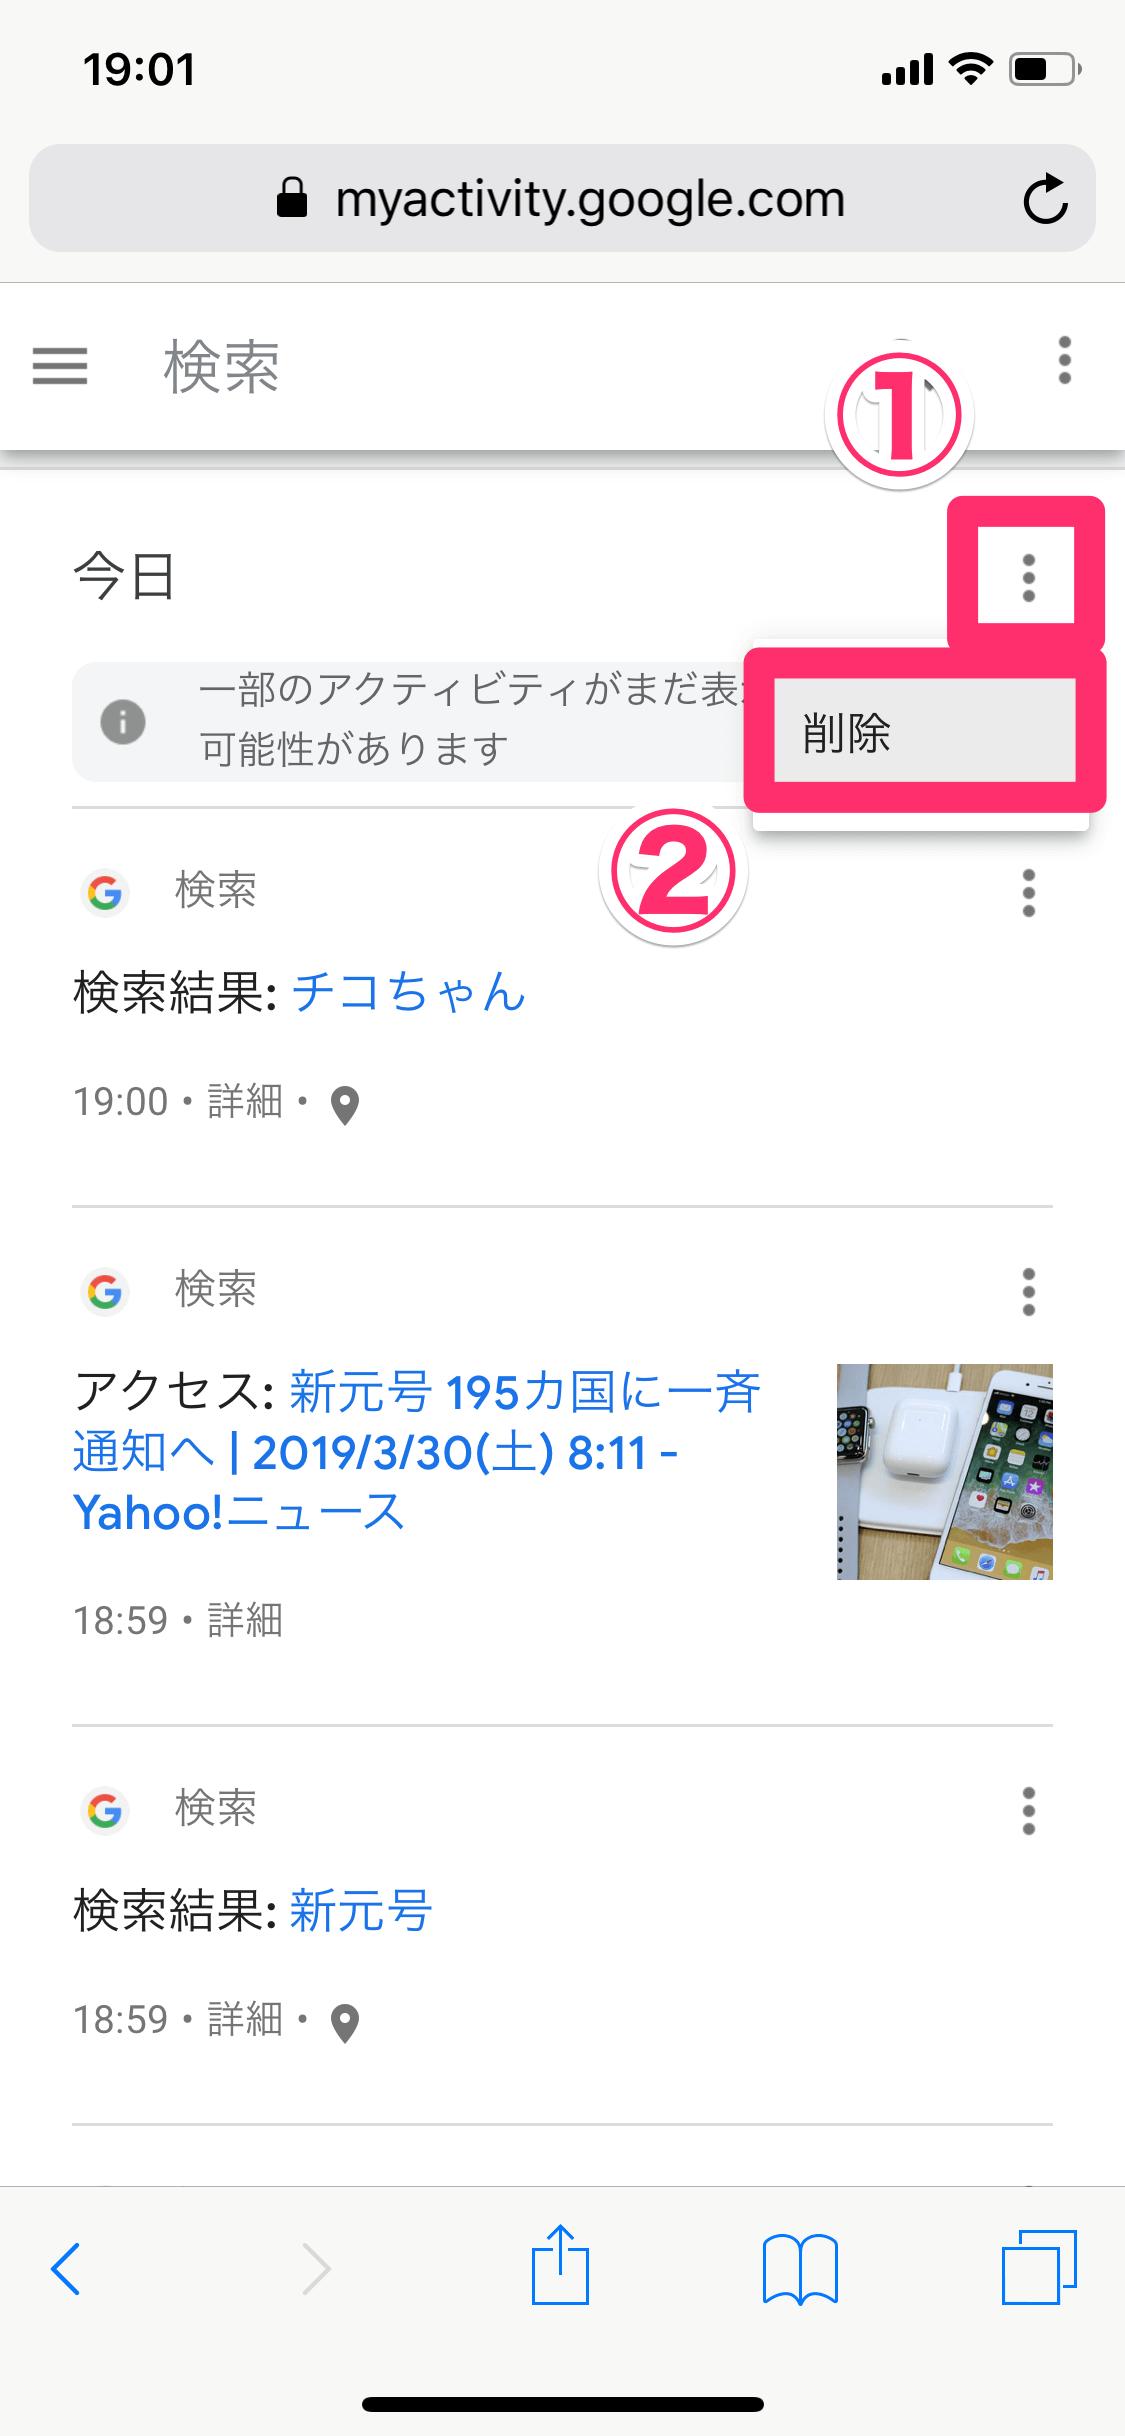 Googleの検索履歴を表示・削除する方法。スマホだけでキーワード